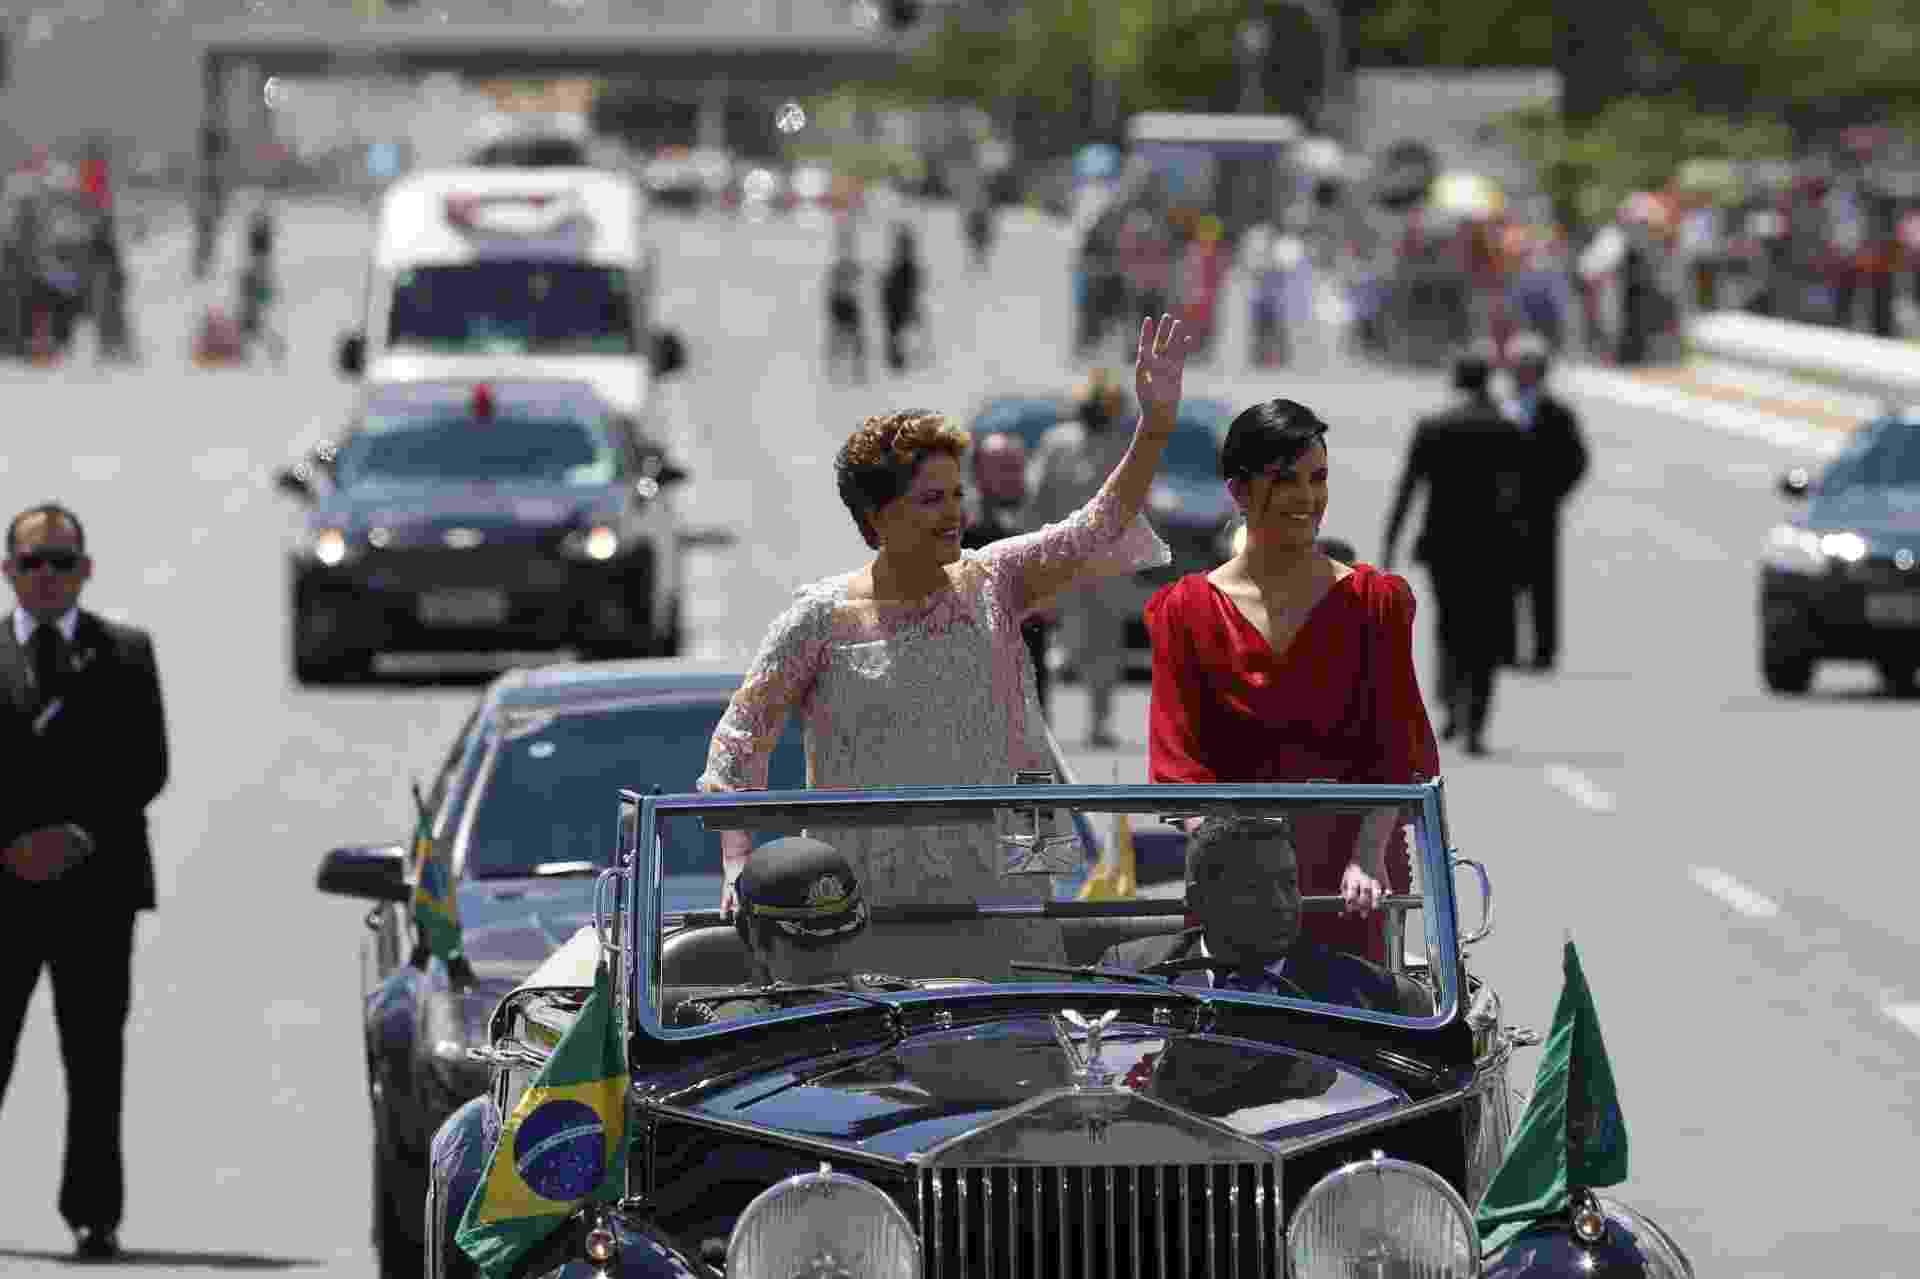 1º.jan.2015 - A presidente do Brasil, Dilma Rousseff, acena ao lado da sua filha durante desfile em carro aberto pela Esplanada dos Ministérios, na cerimônia de posse para o seu segundo mandato, nesta quinta-feira (1º) - Pedro Ladeira/Folhapress